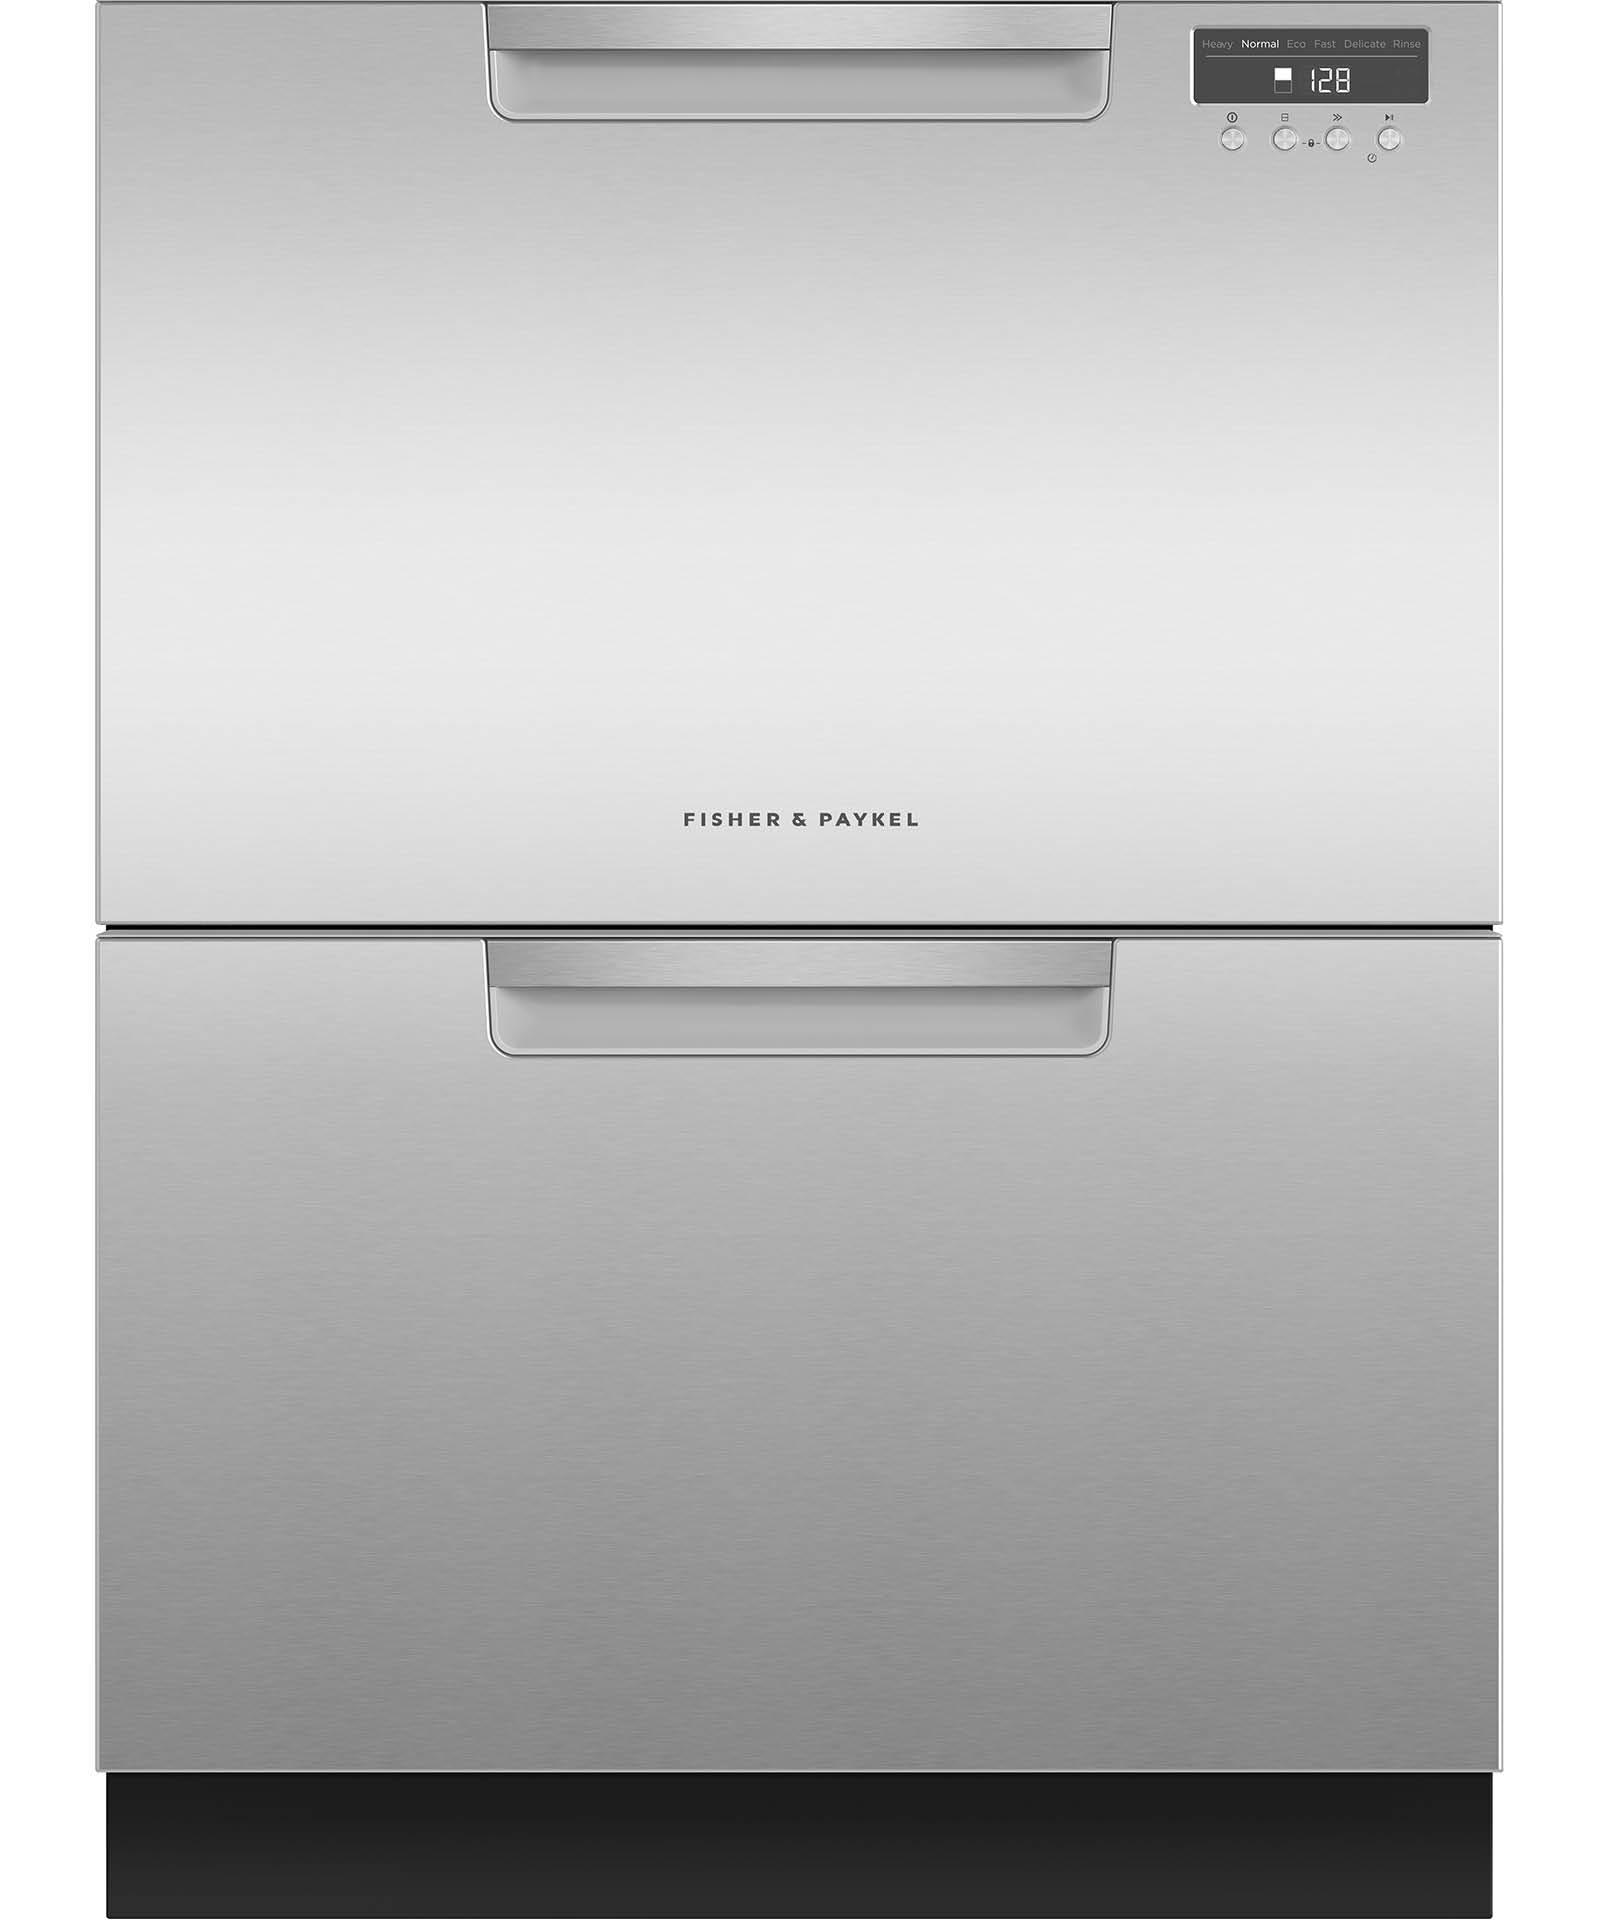 Dd24dax9n Ddd24da9n. Dd24dax9n Ada Pliant Double Dishdrawer Dishwasher 81596. Fisher. Fisher And Paykel Dishwasher Diagram At Scoala.co